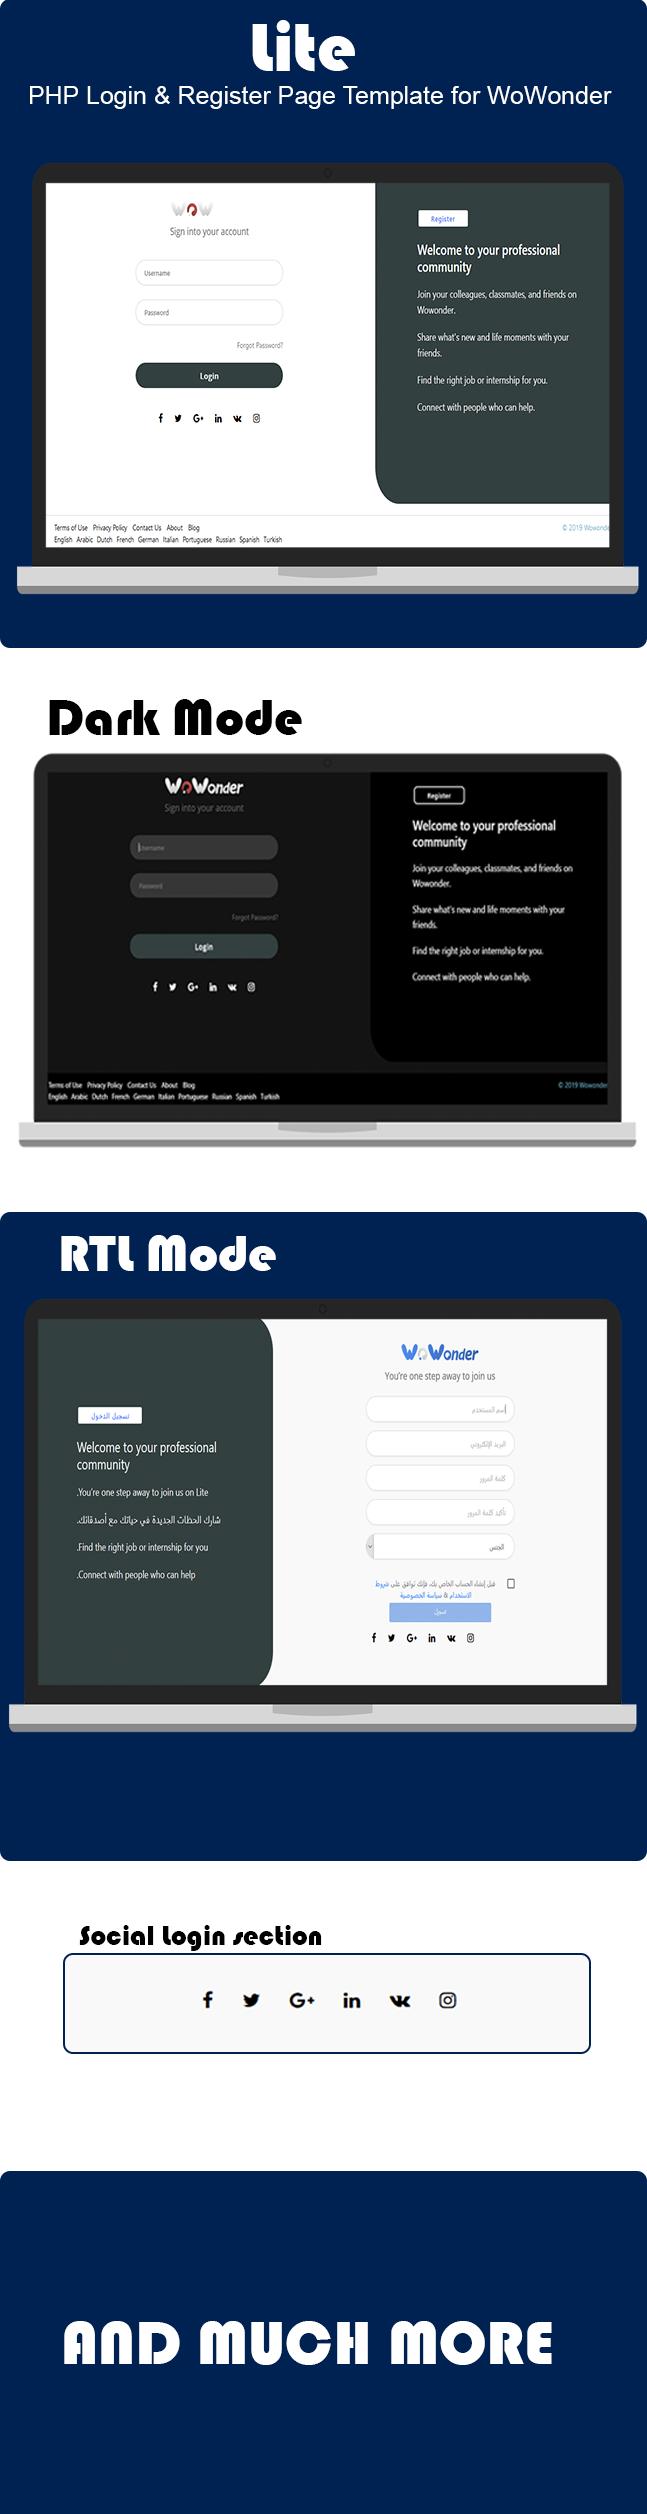 Modèle de page de connexion et d'enregistrement PHP Lite pour WoWonder - 1